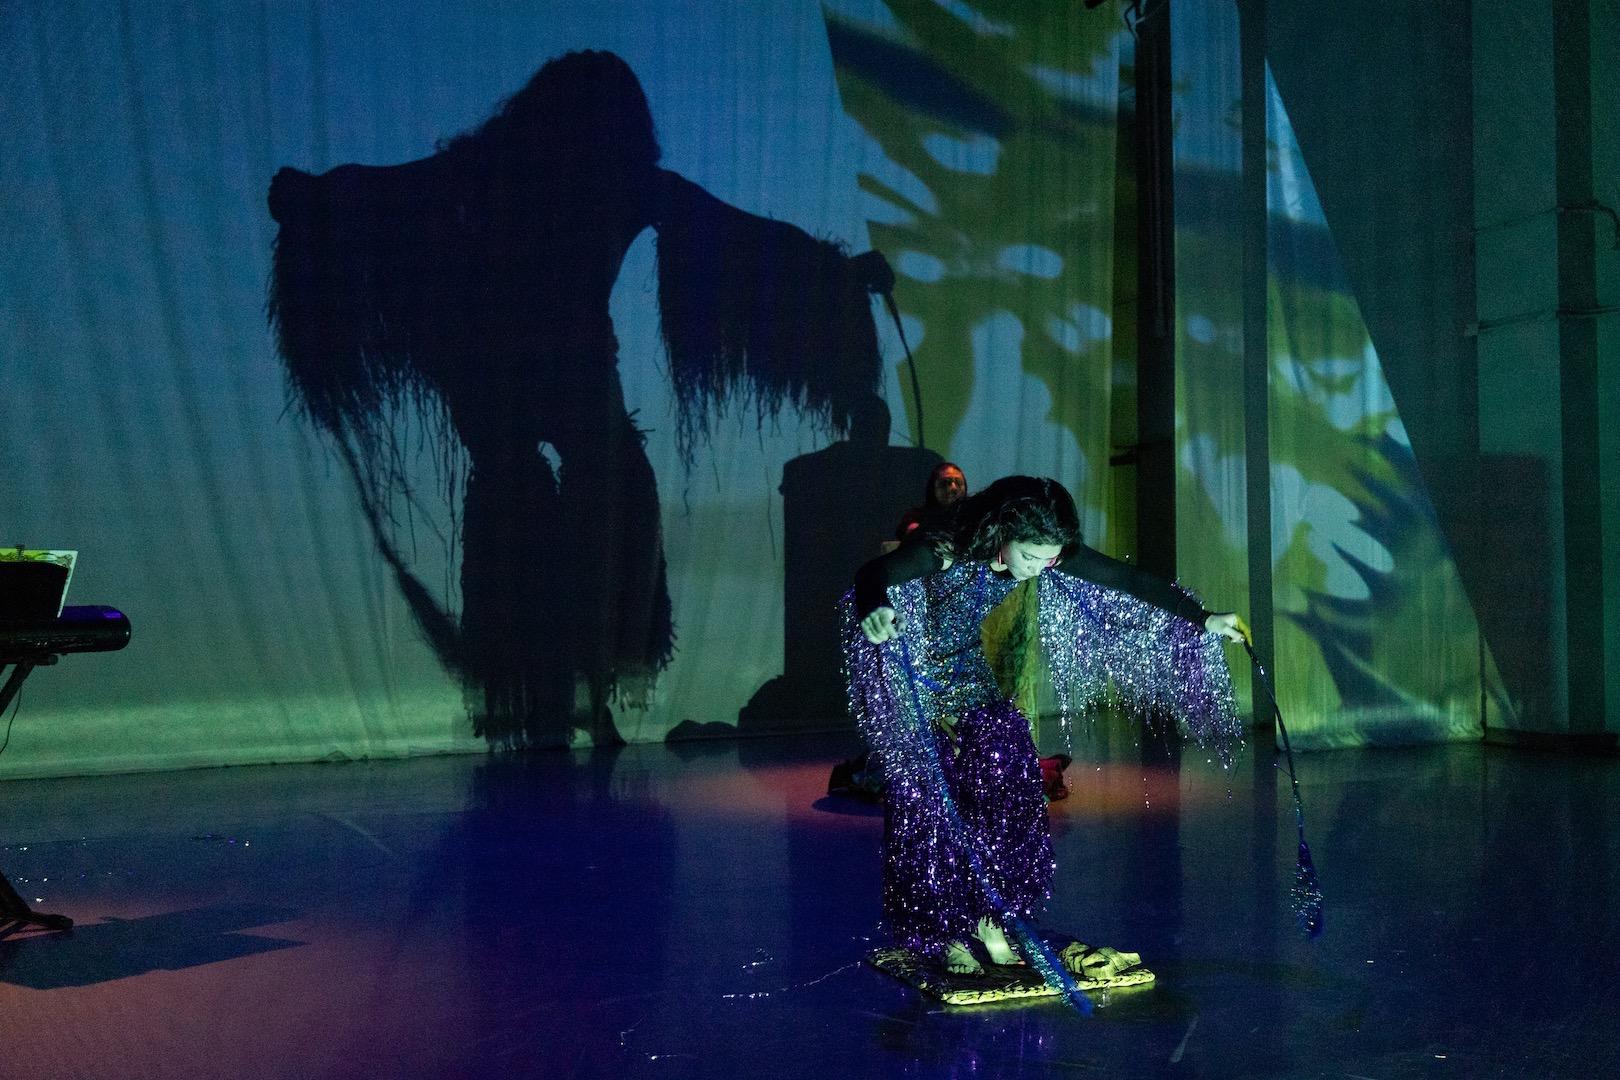 La Luz, La Sombrisa, y La Galaxia, Redeye Theatre's New Works 4 Weeks Festival.